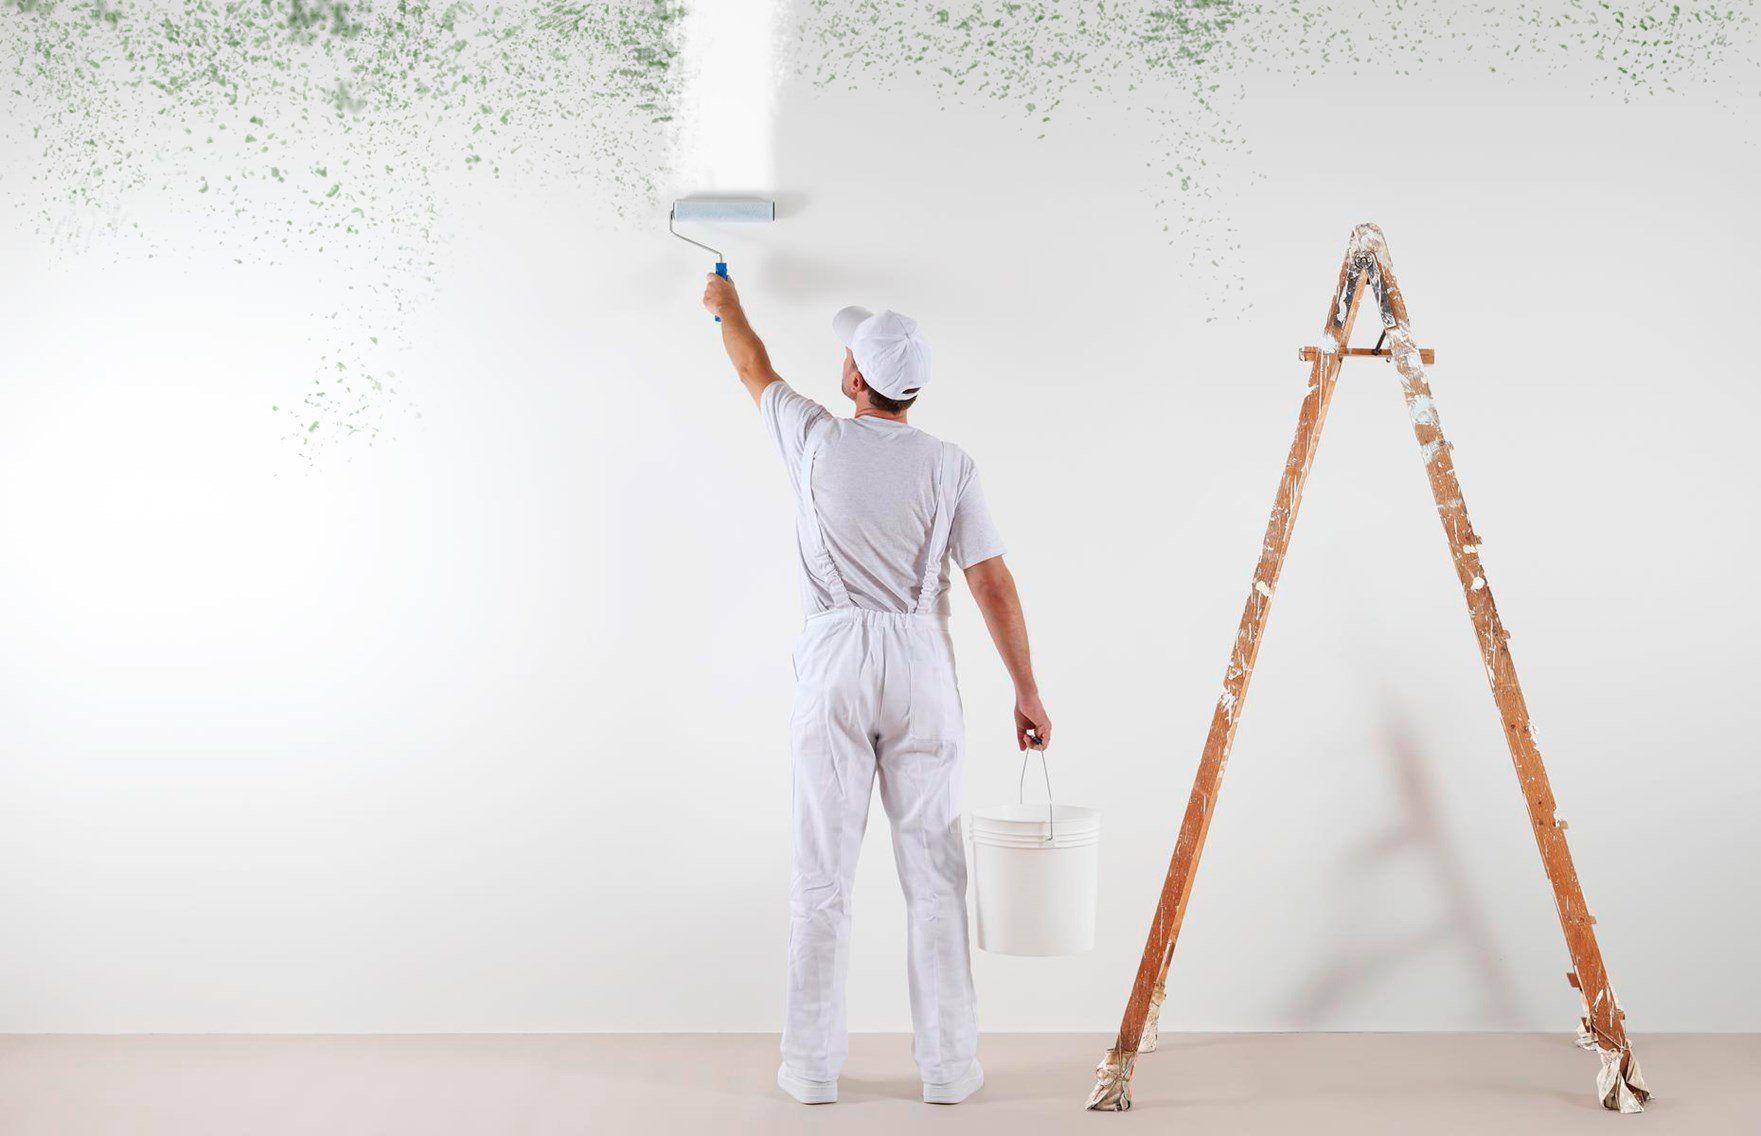 Migliore Pittura Per Interni camp, come togliere la muffa dai muri prima di imbiancare